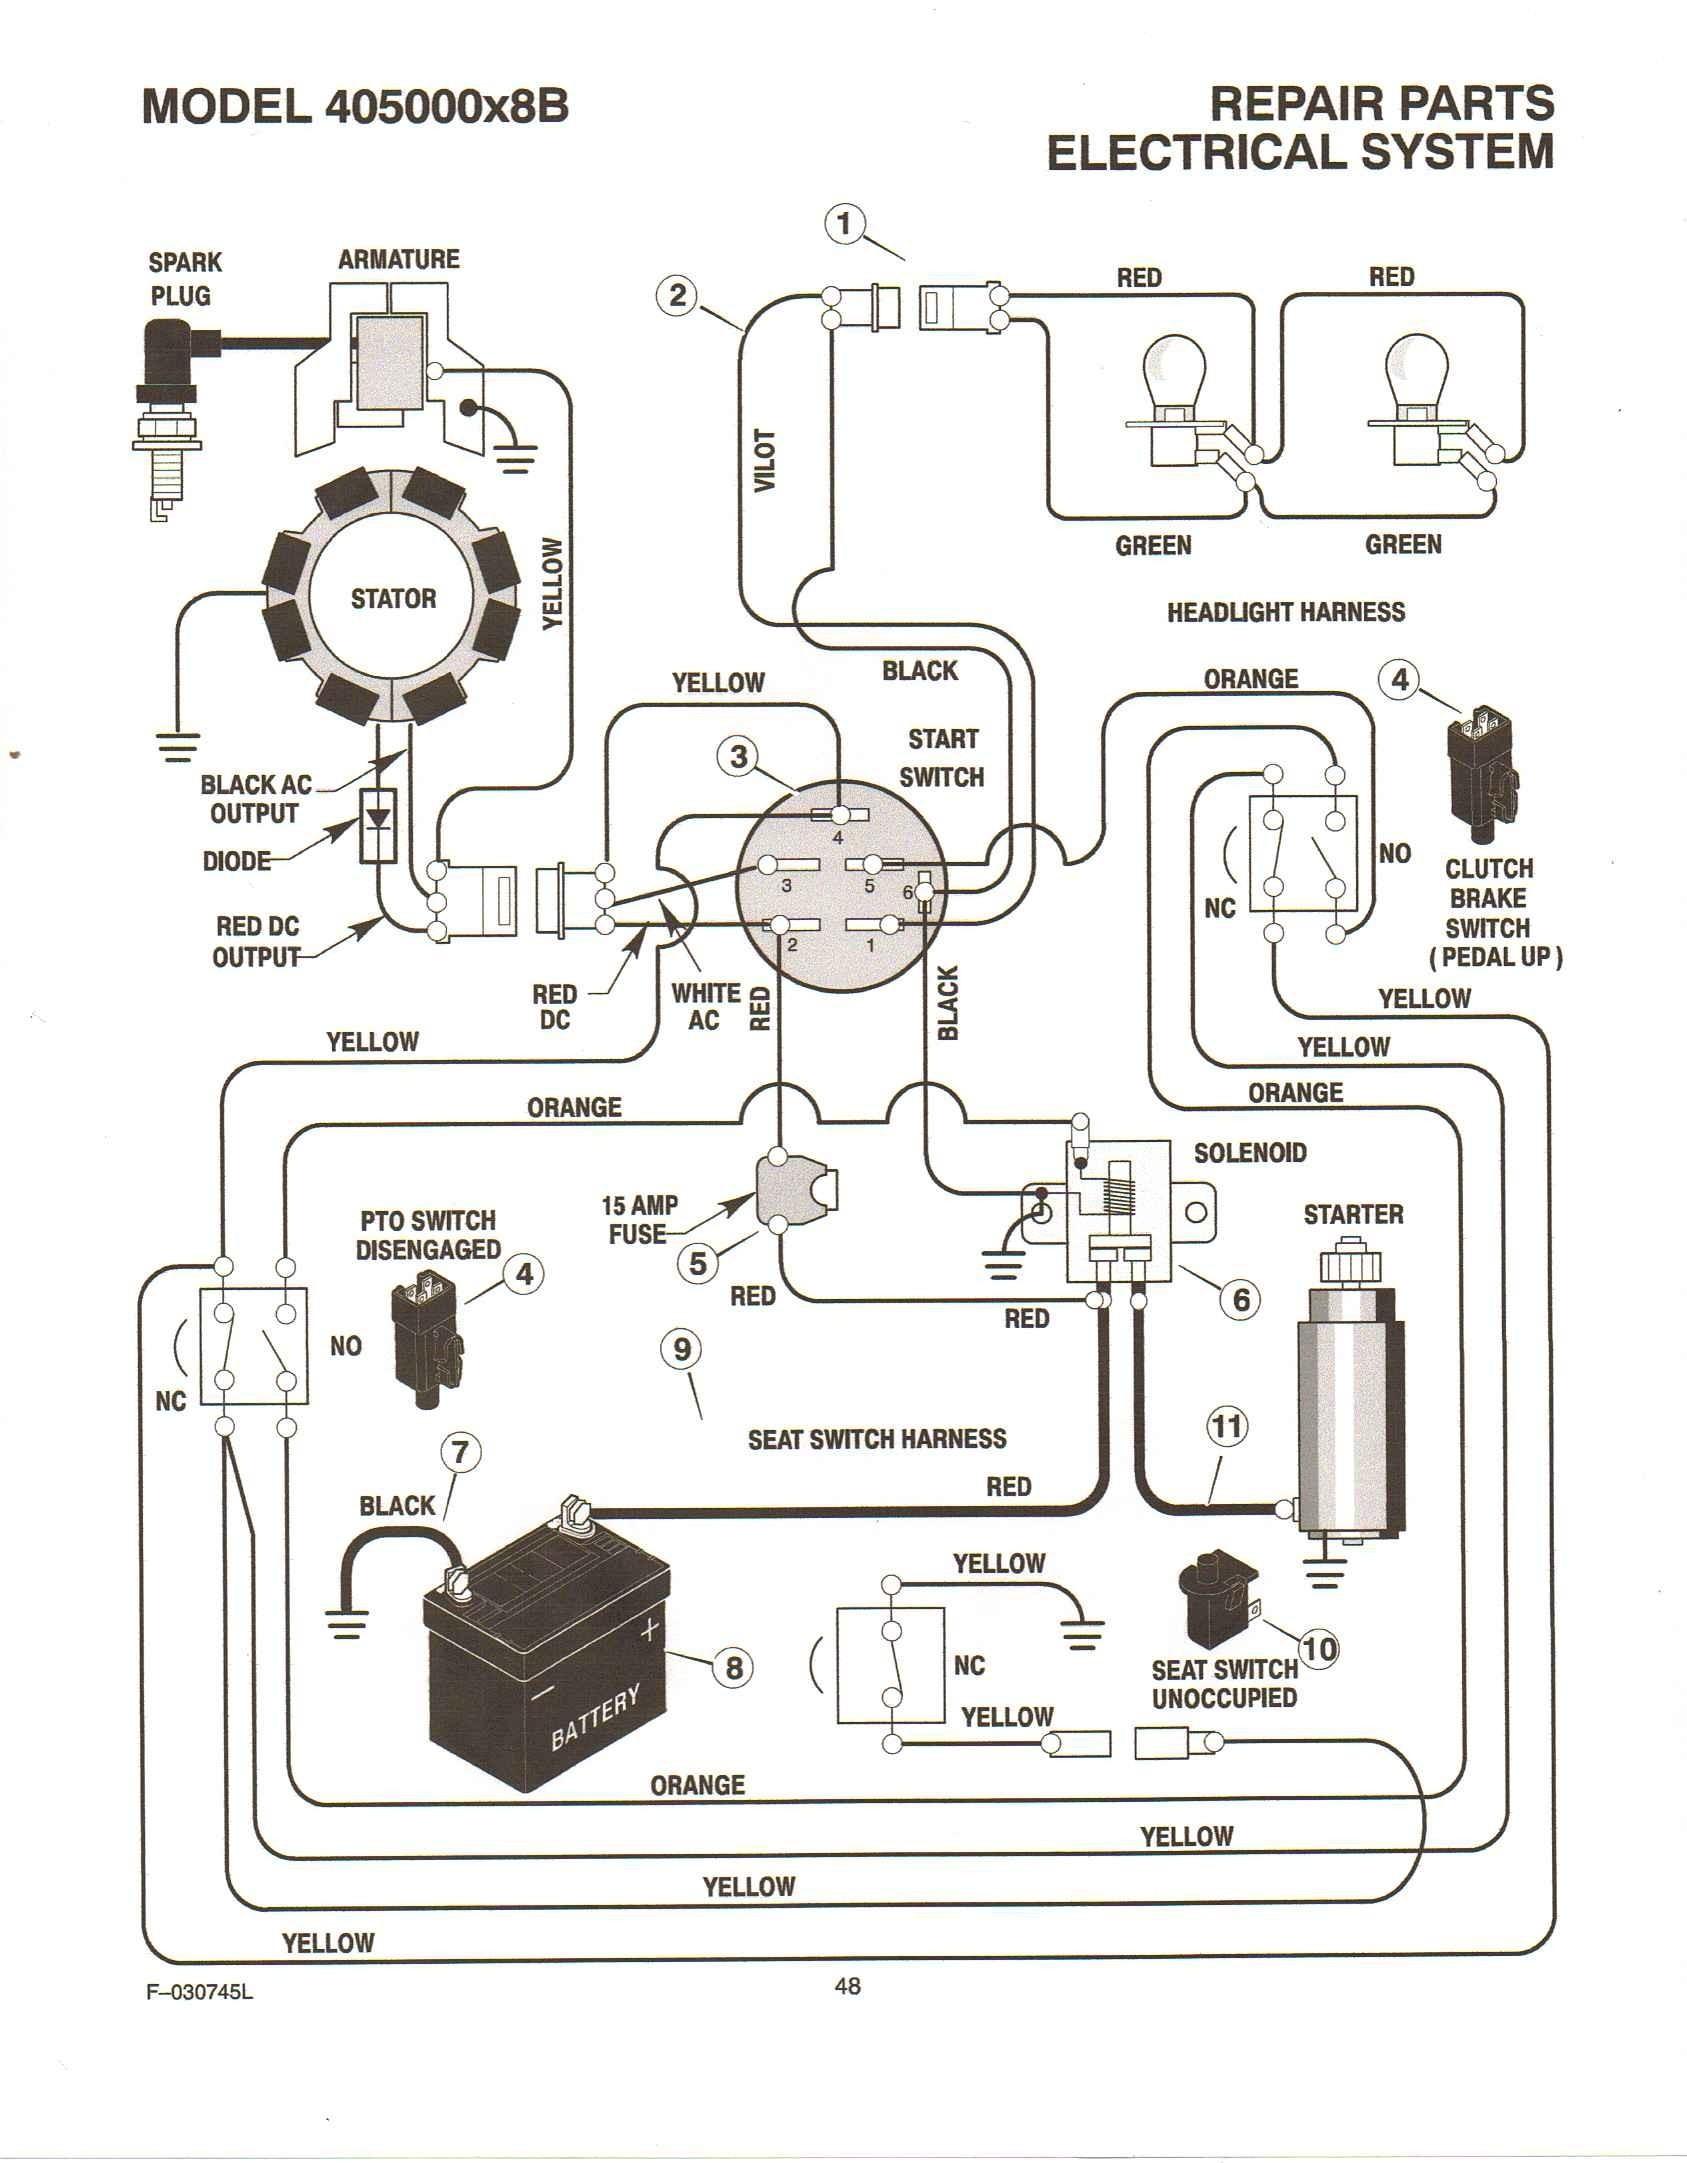 Briggs and Stratton 6 5 Hp Engine Diagram Kohler Ignition Switch Wiring Diagram Best Wiring Diagram for Kohler Of Briggs and Stratton 6 5 Hp Engine Diagram